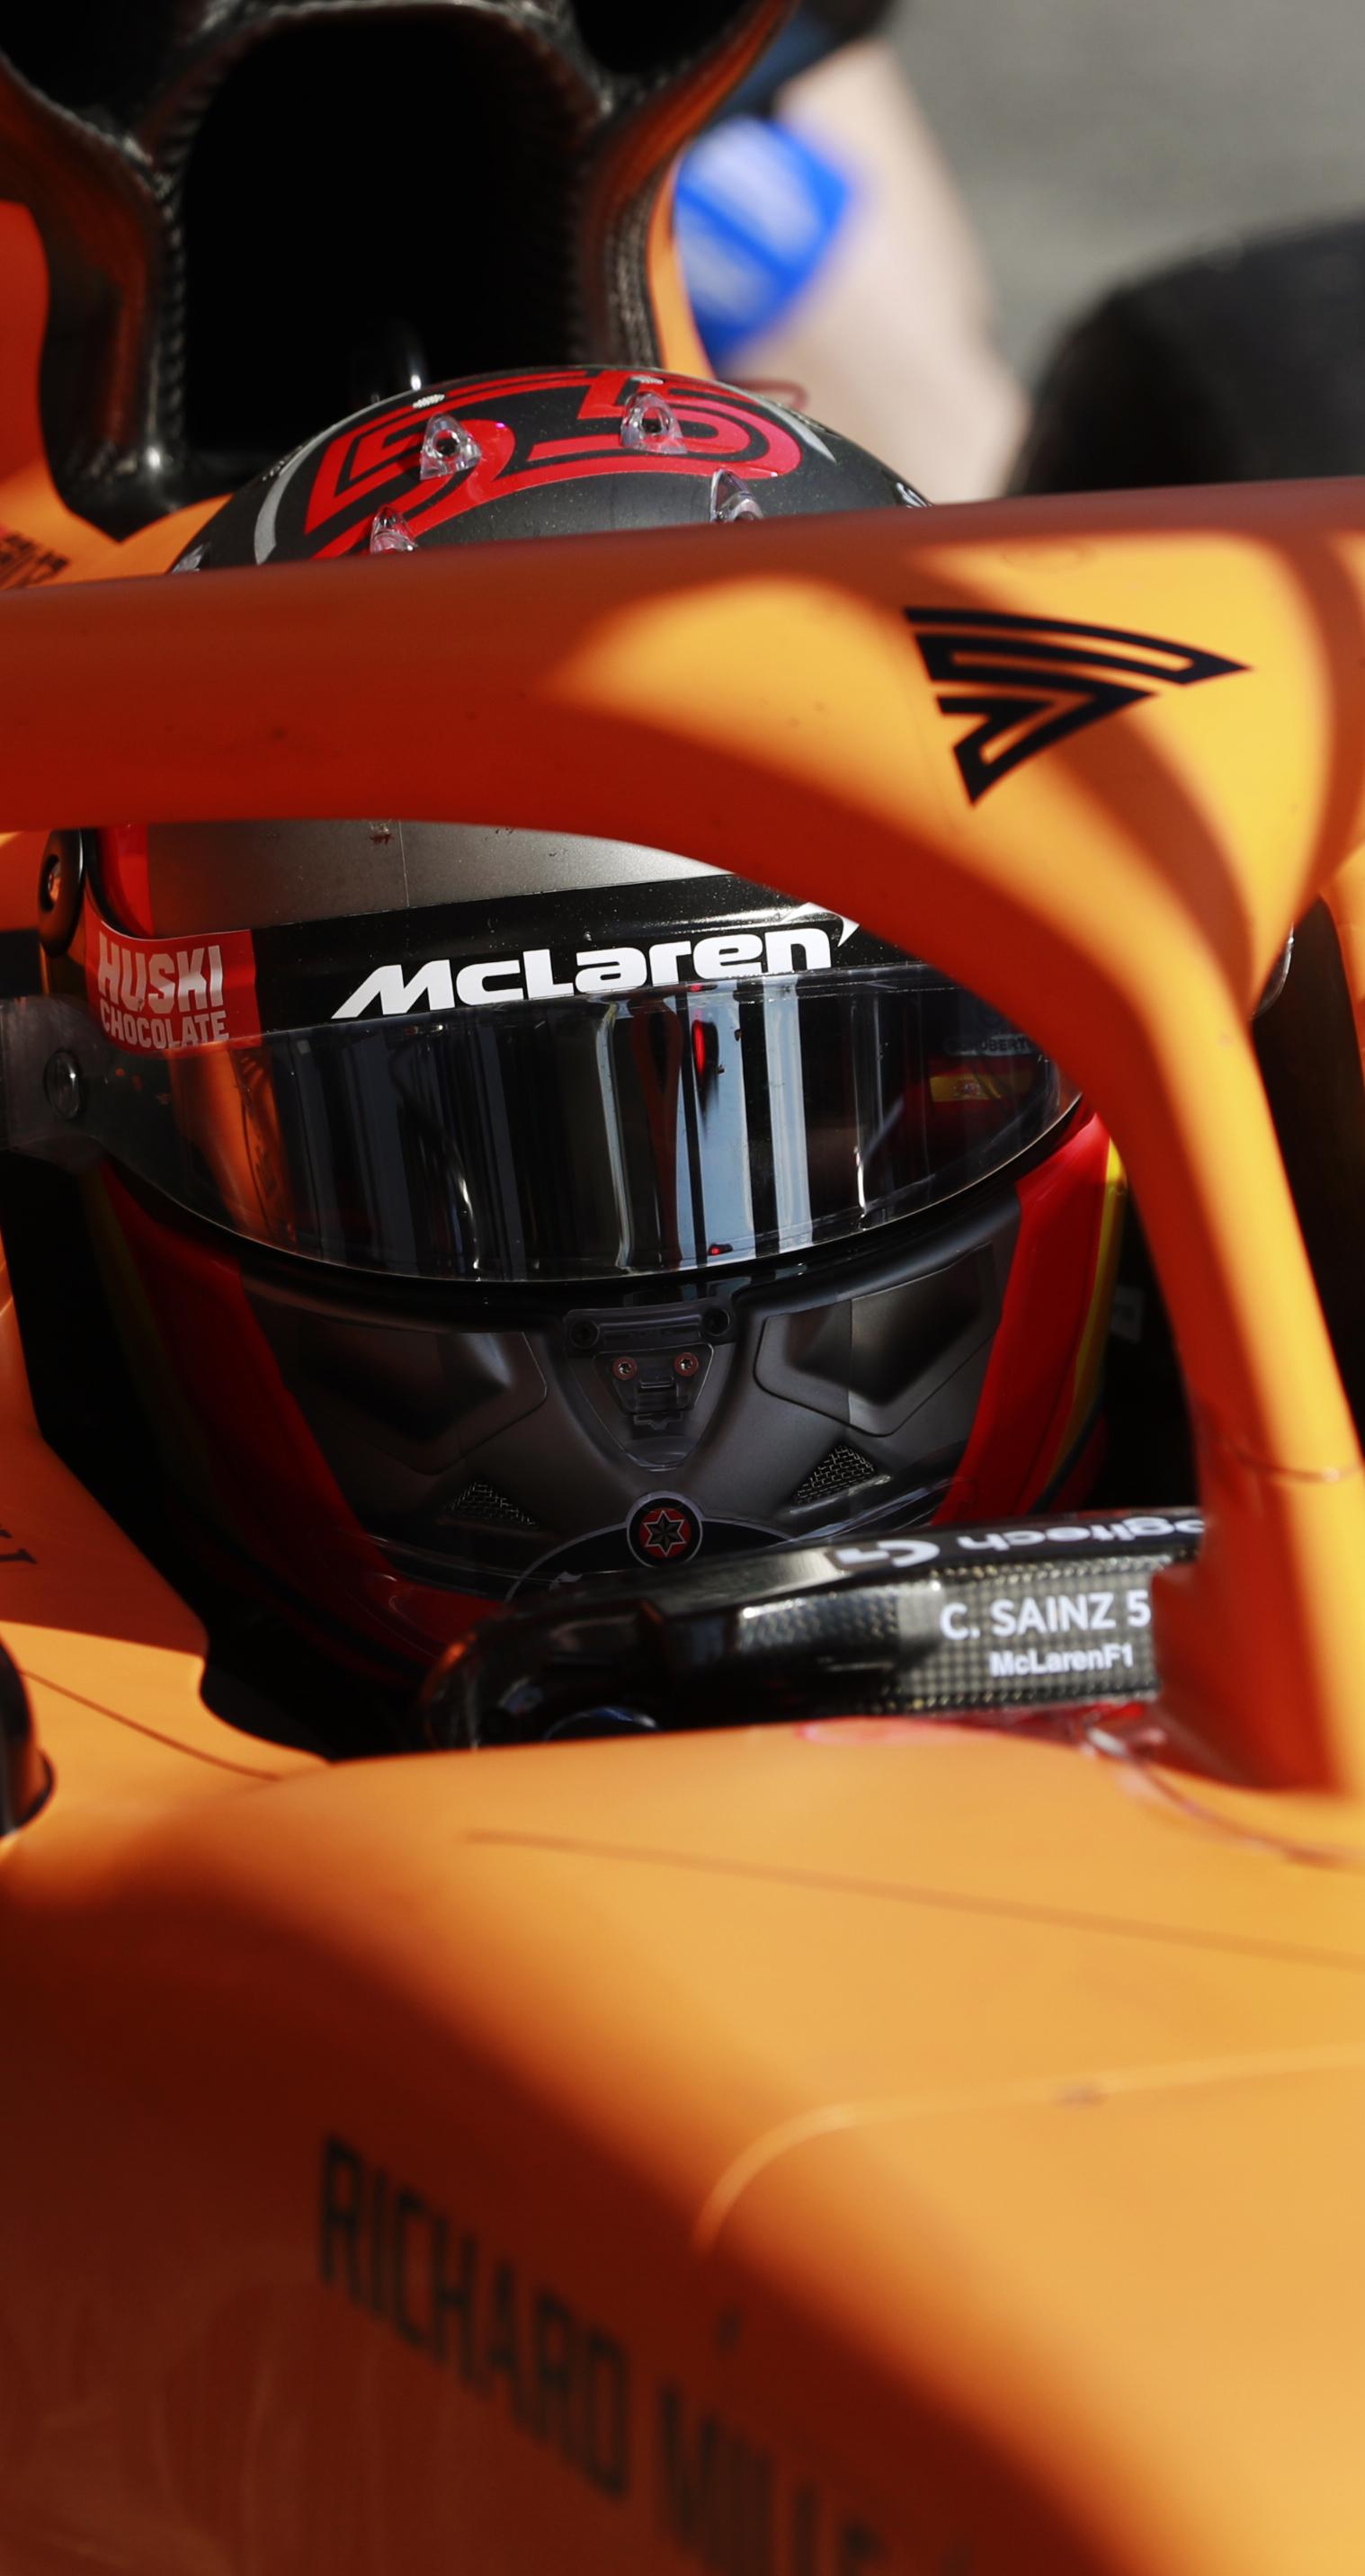 McLaren Racing Official Website 1518x2865